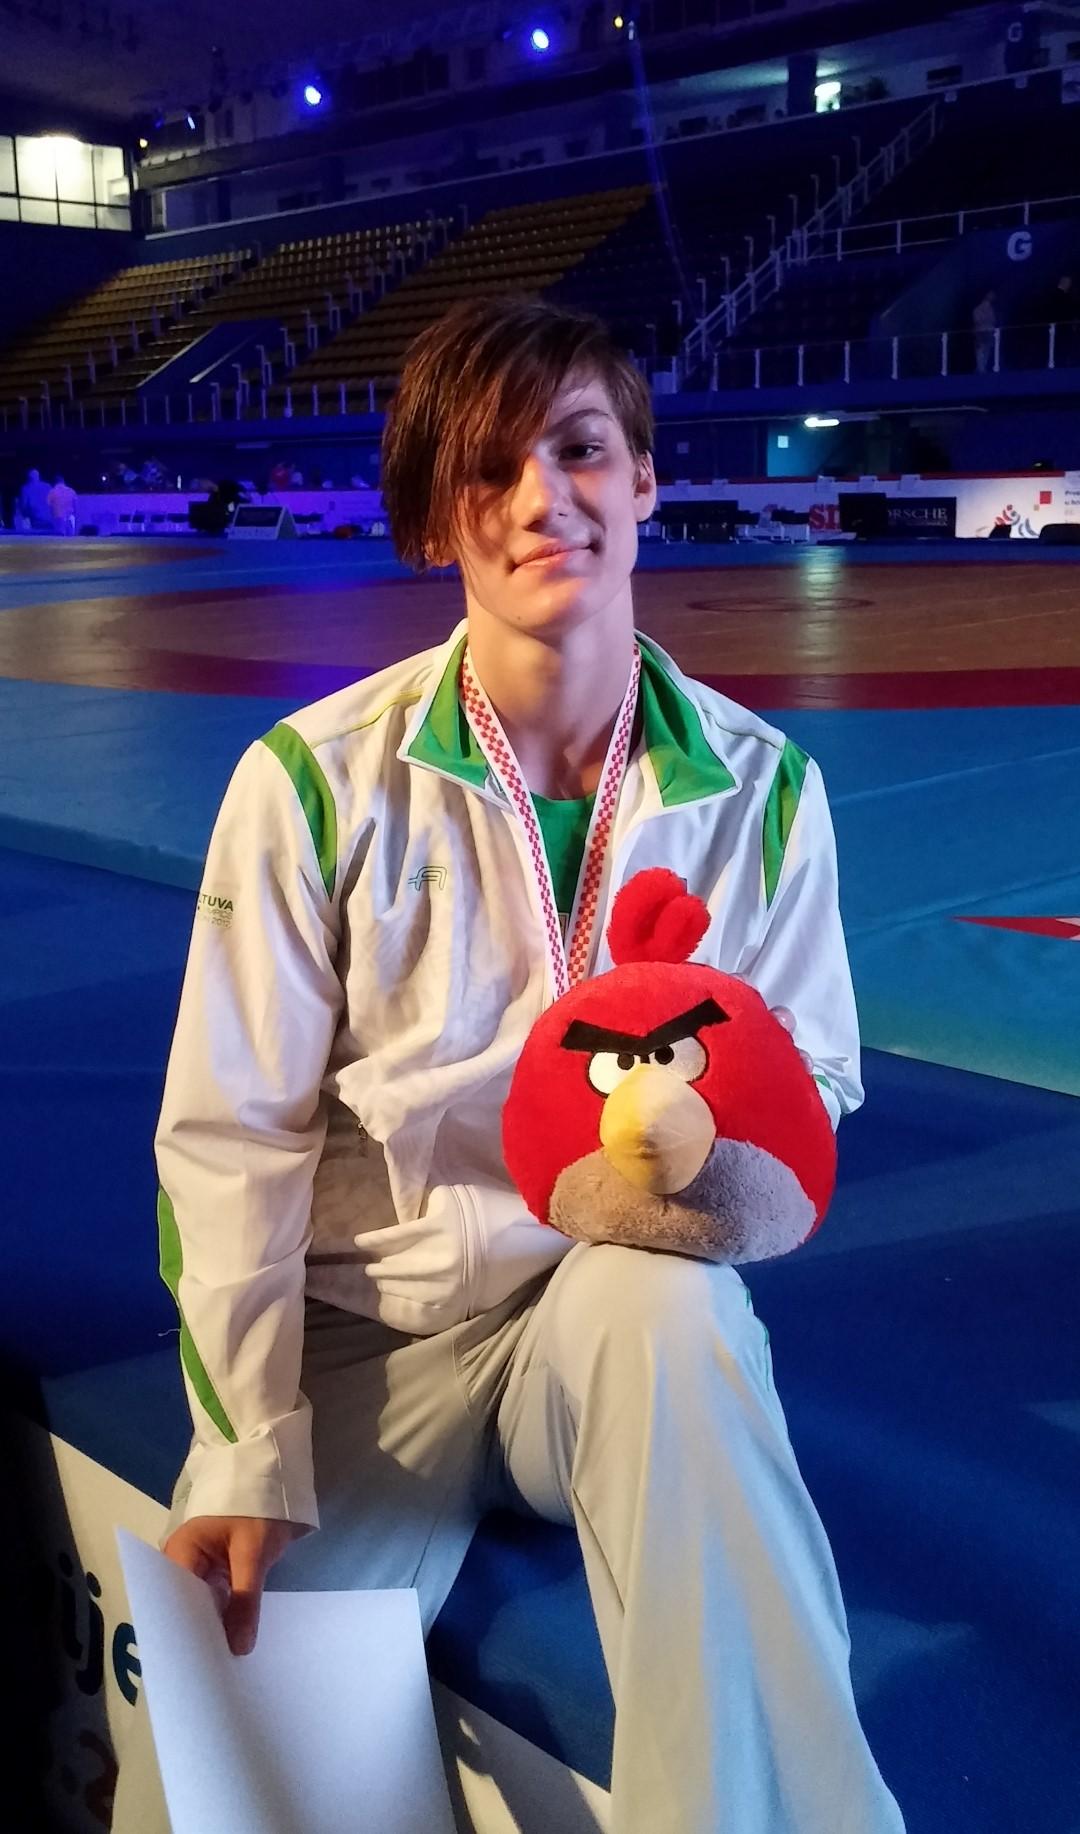 Imtynininkė Danutė Domikaitytė – pasaulio jaunimo čempionato prizininkė (nuotraukos)